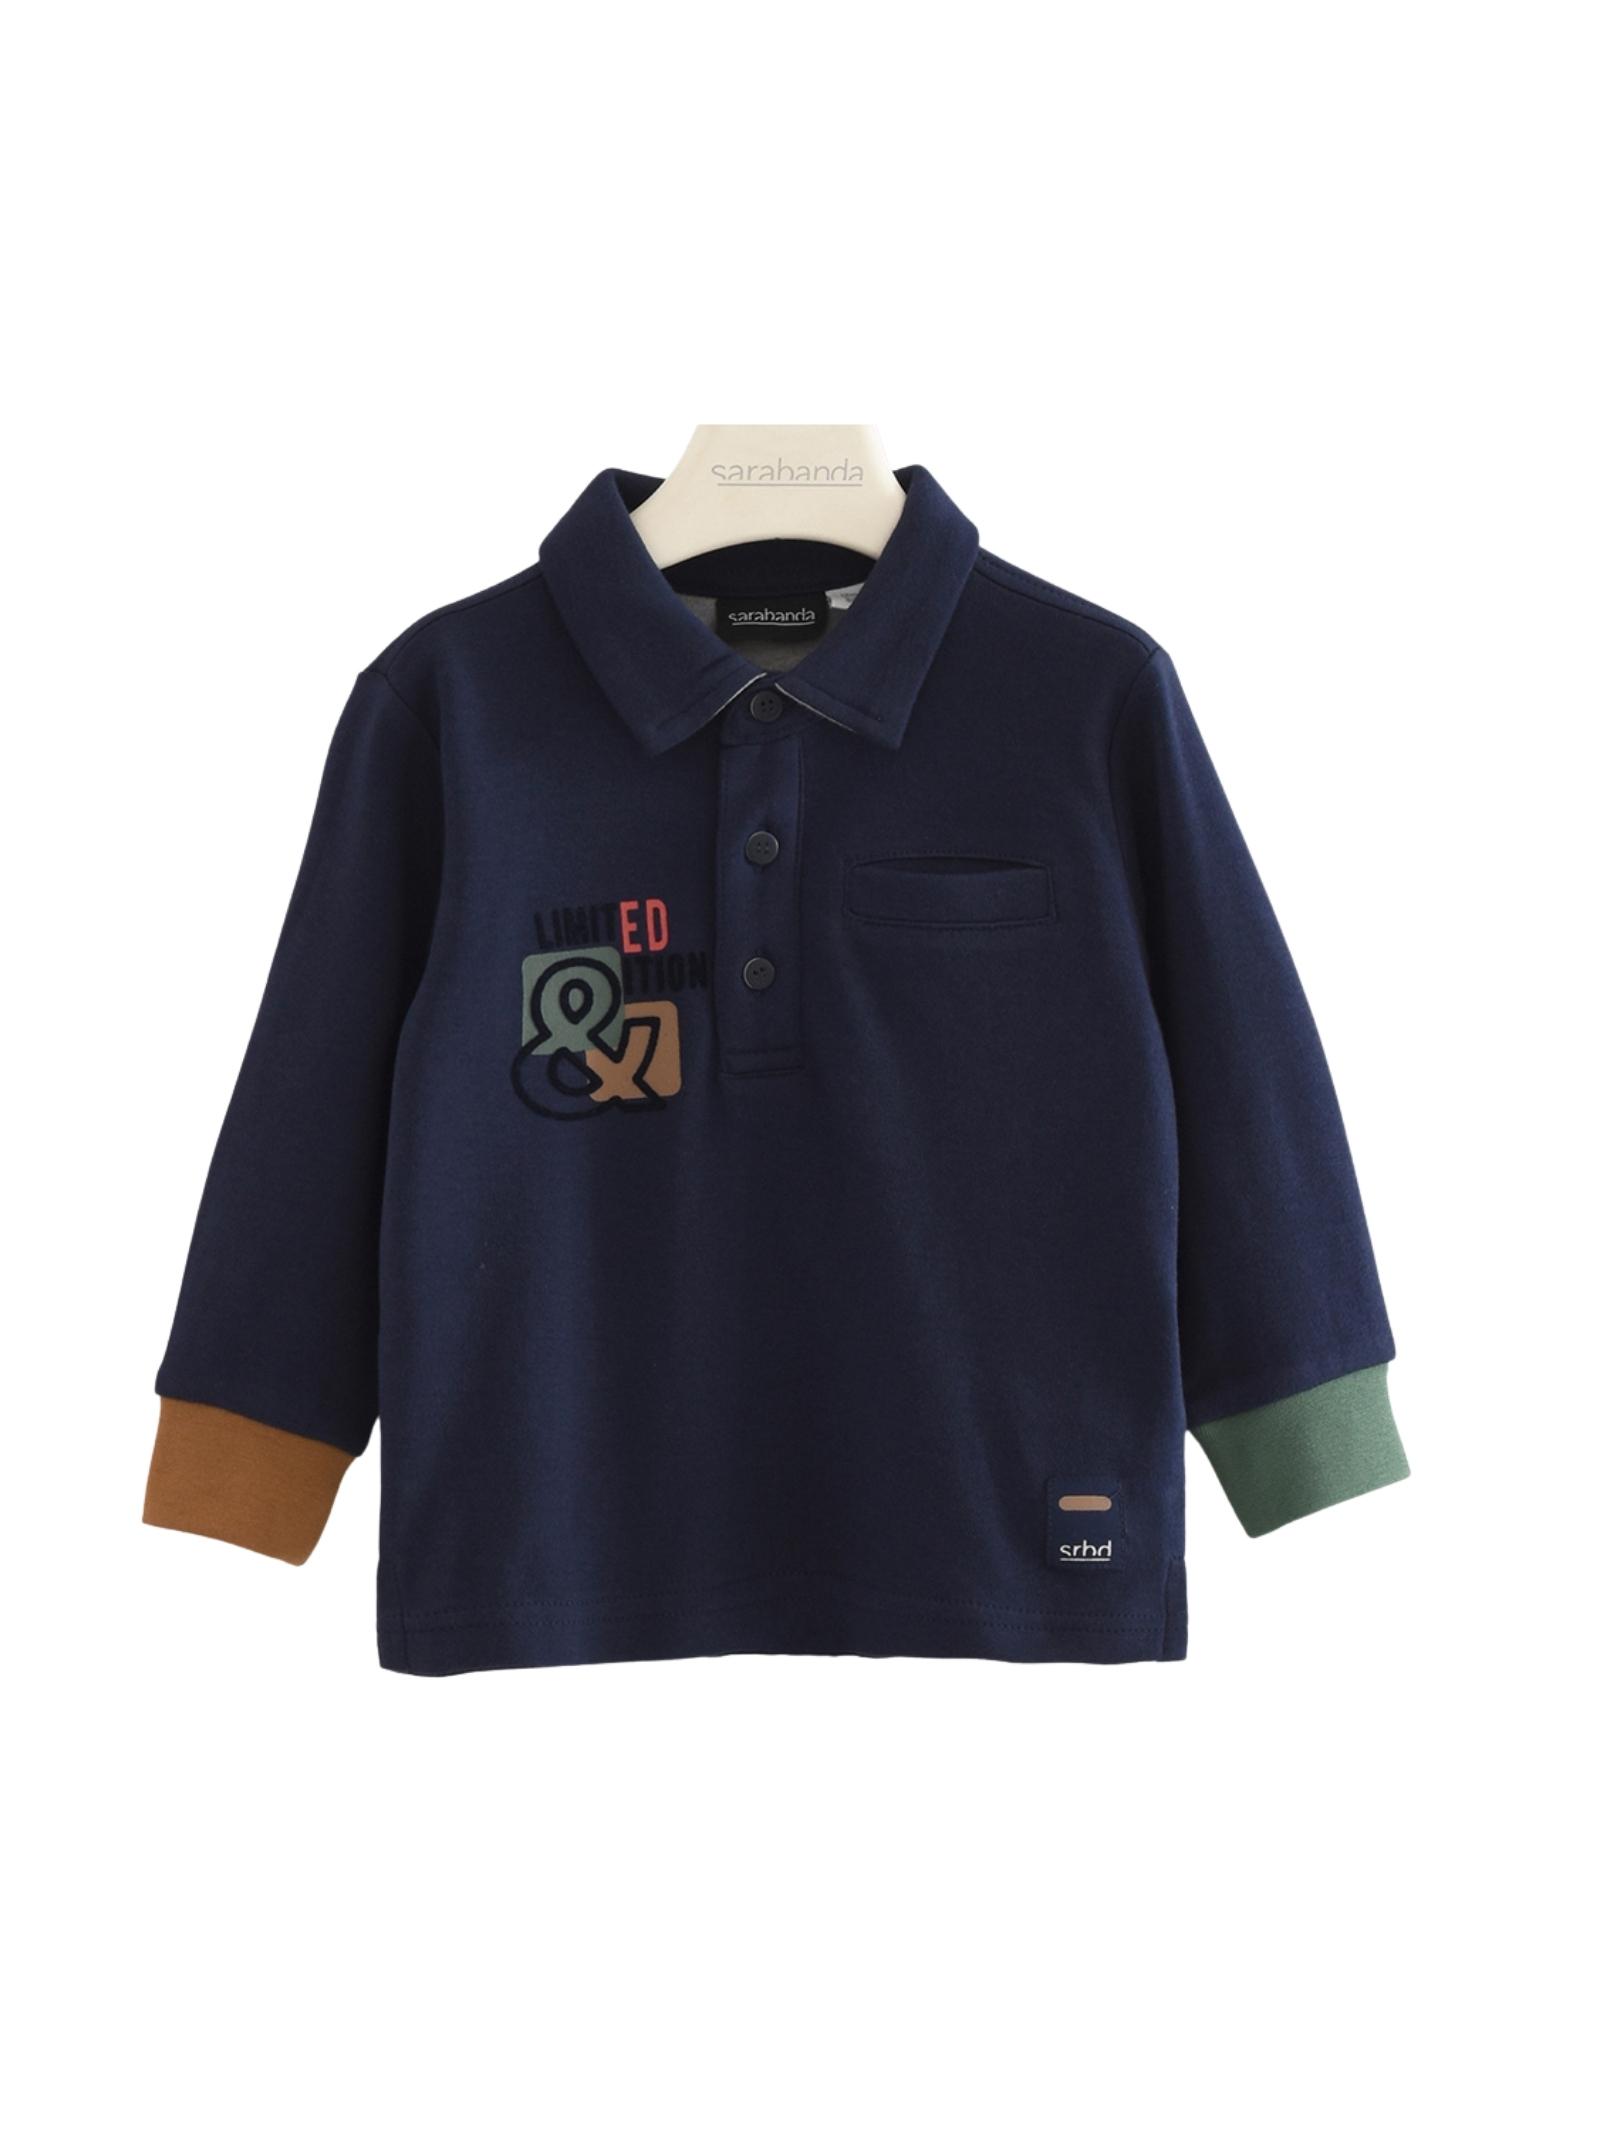 Multicolor Polo Shirt for Boys SARABANDA | Polo | 03136003854